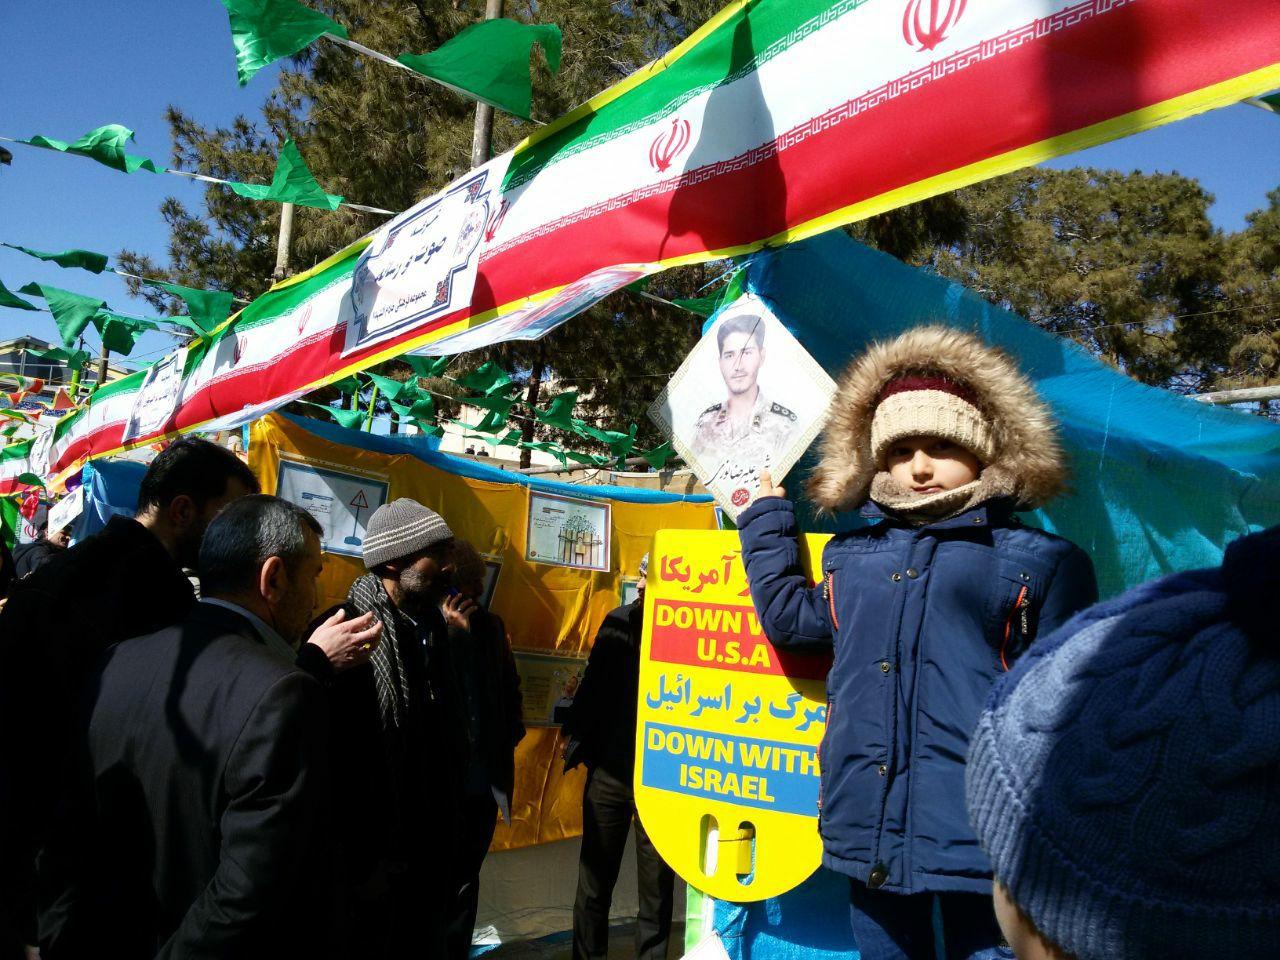 فرزندان شهدای مدافع حرم جای خالی پدران خود را در راهپیمایی ۲۲ بهمن پر کردند+ تصاویر